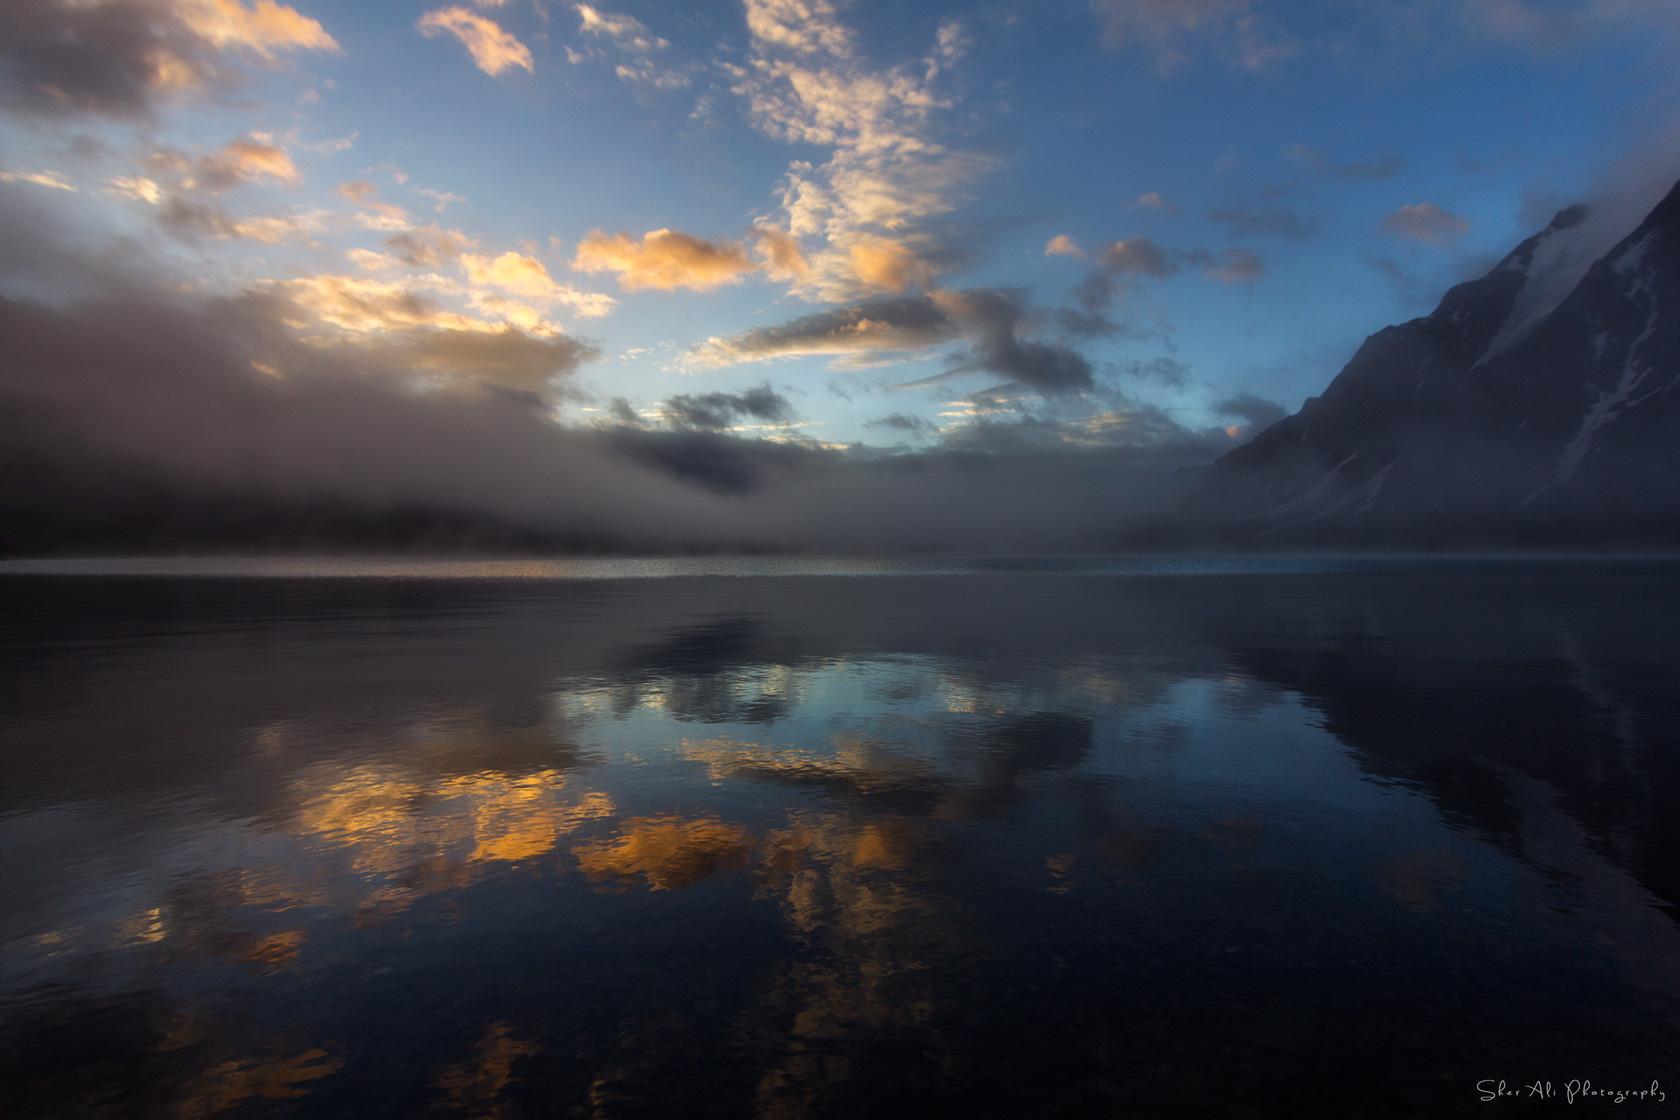 Glorious Morning at karomber lake